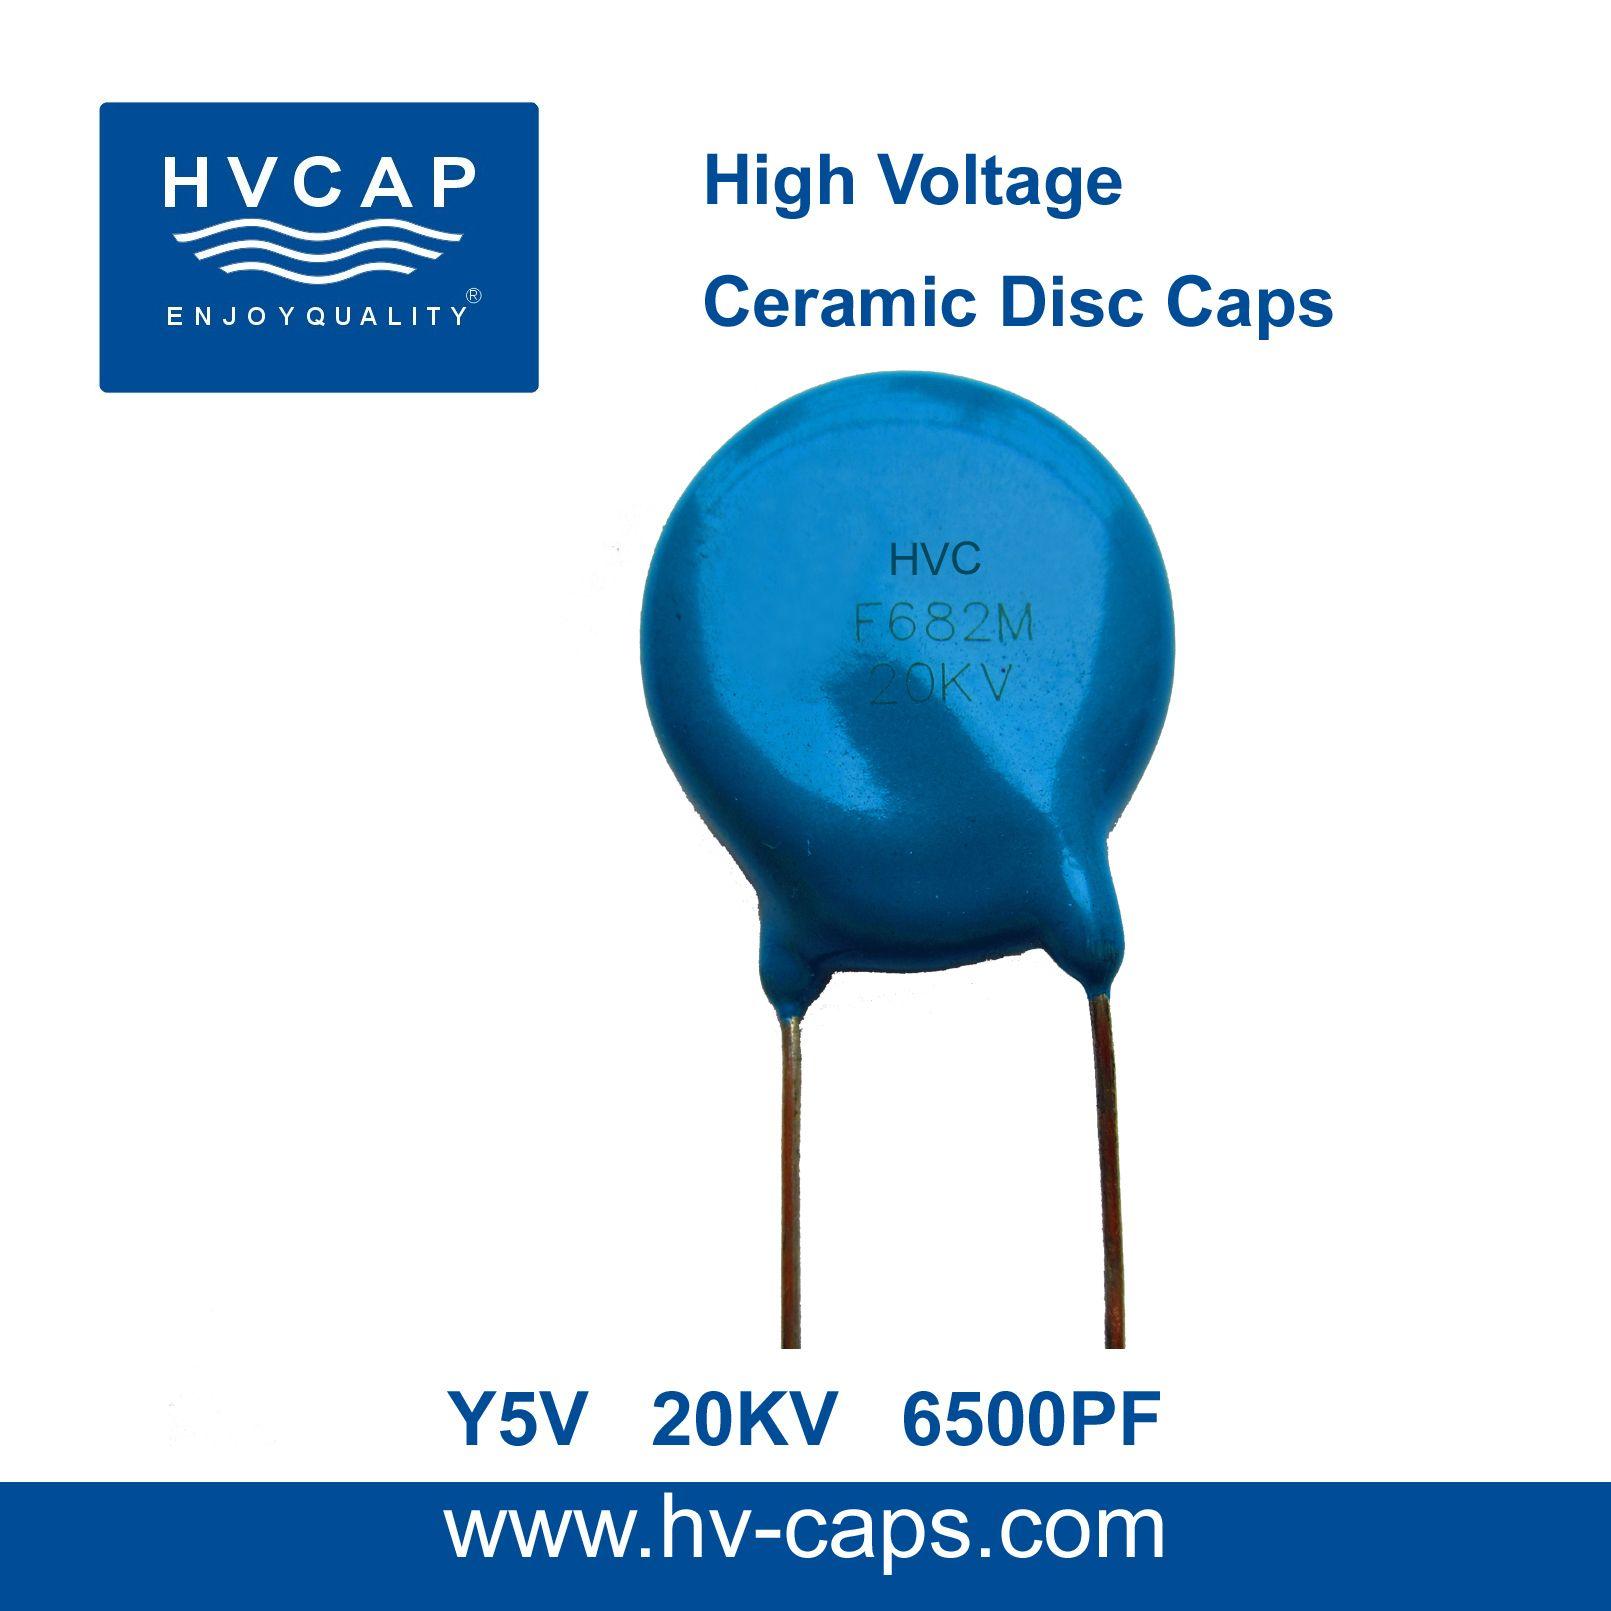 Pin De Chen Danny Em High Voltage Ceramic Disc Capacitors Componentes Eletronicos Eletricidade Smartwatch